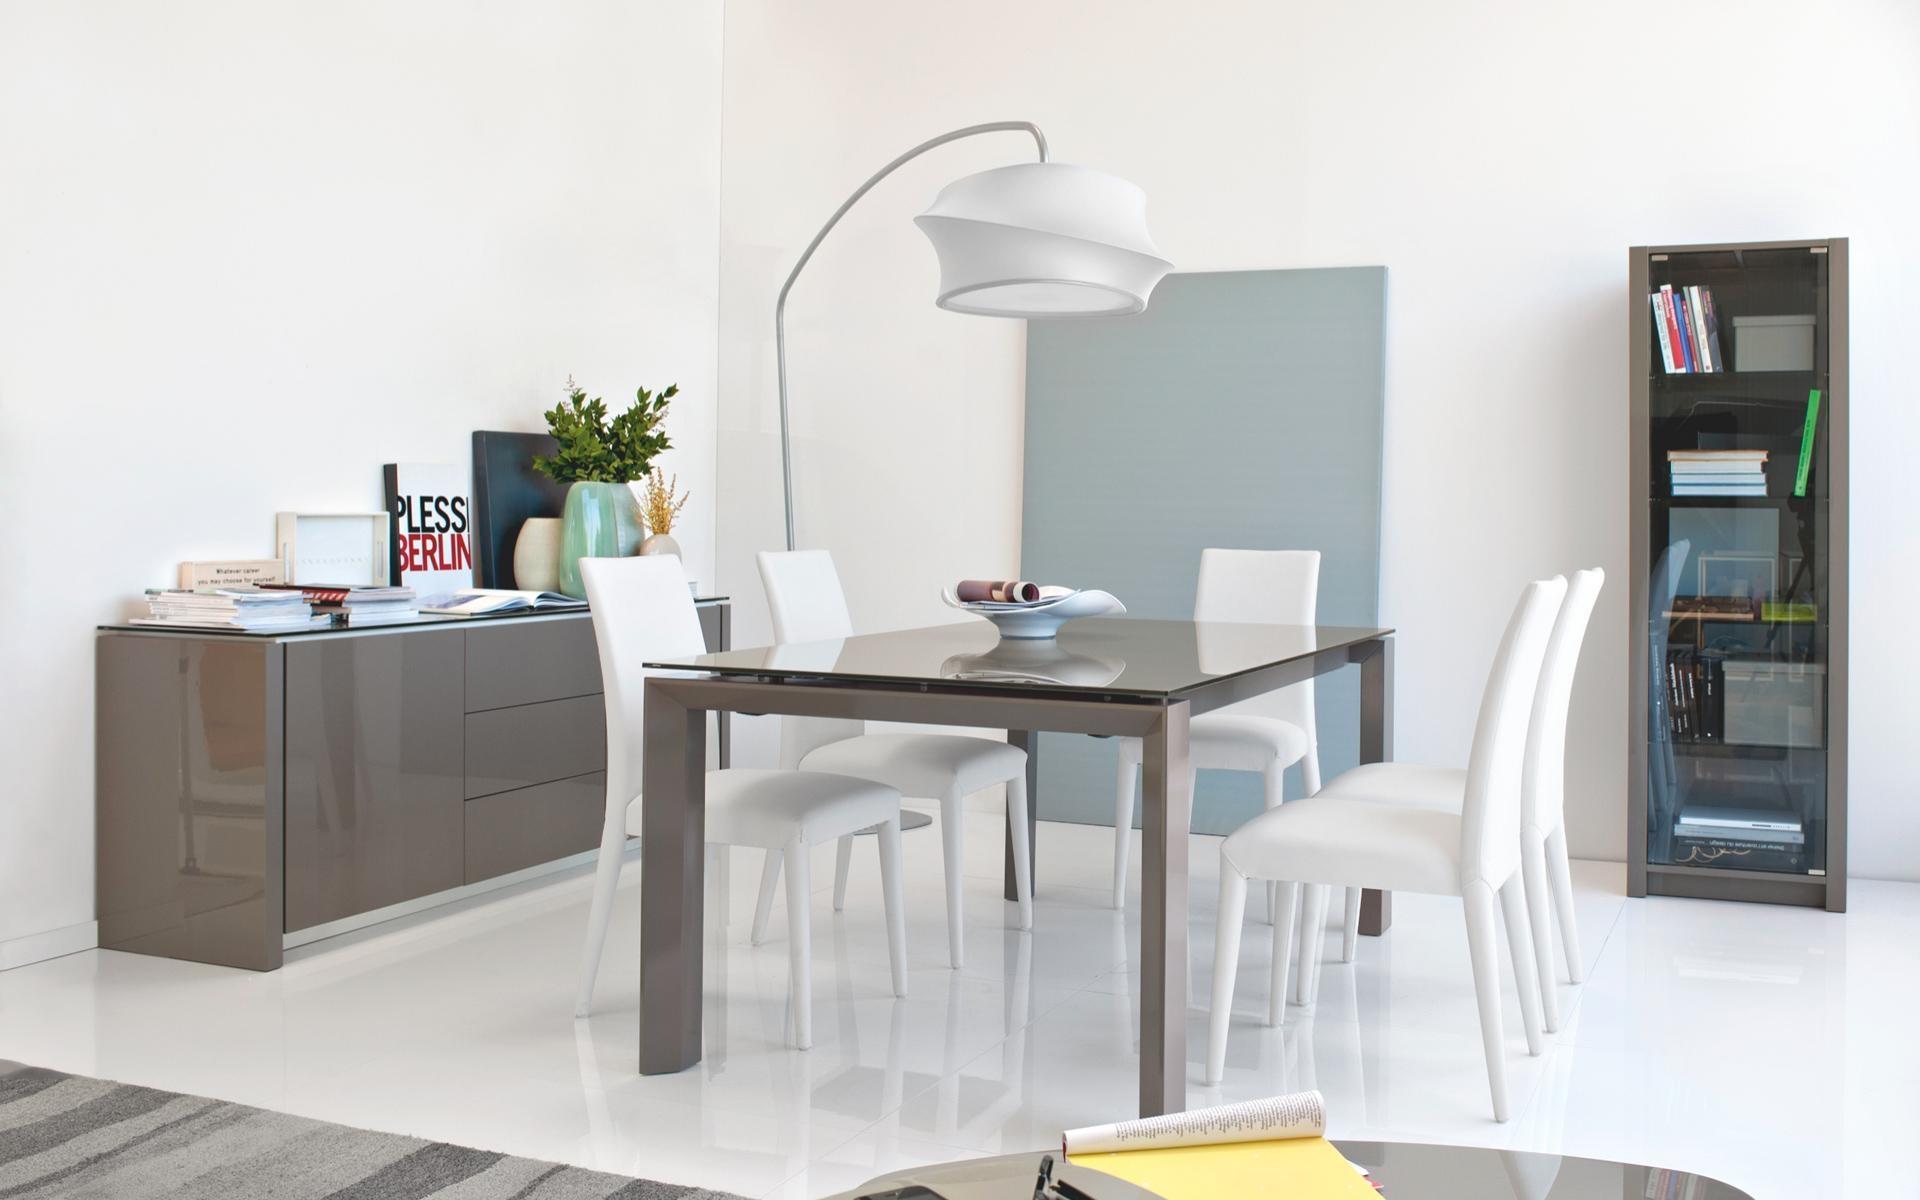 tavolo omnia glass calligaris offerta tavoli a prezzi